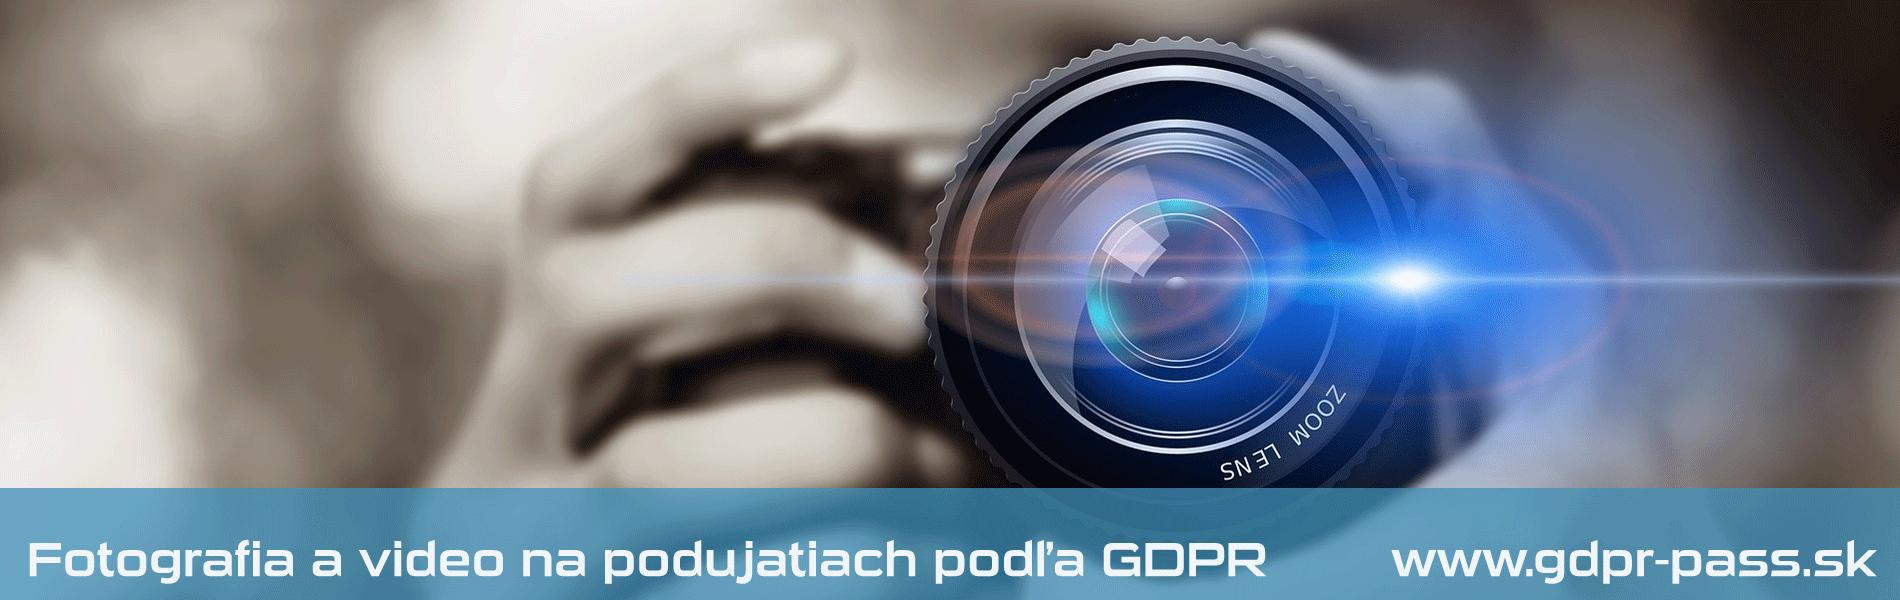 Fotografia a video na verejných podujatiach podľa GDPR | GDPR-PASS.sk